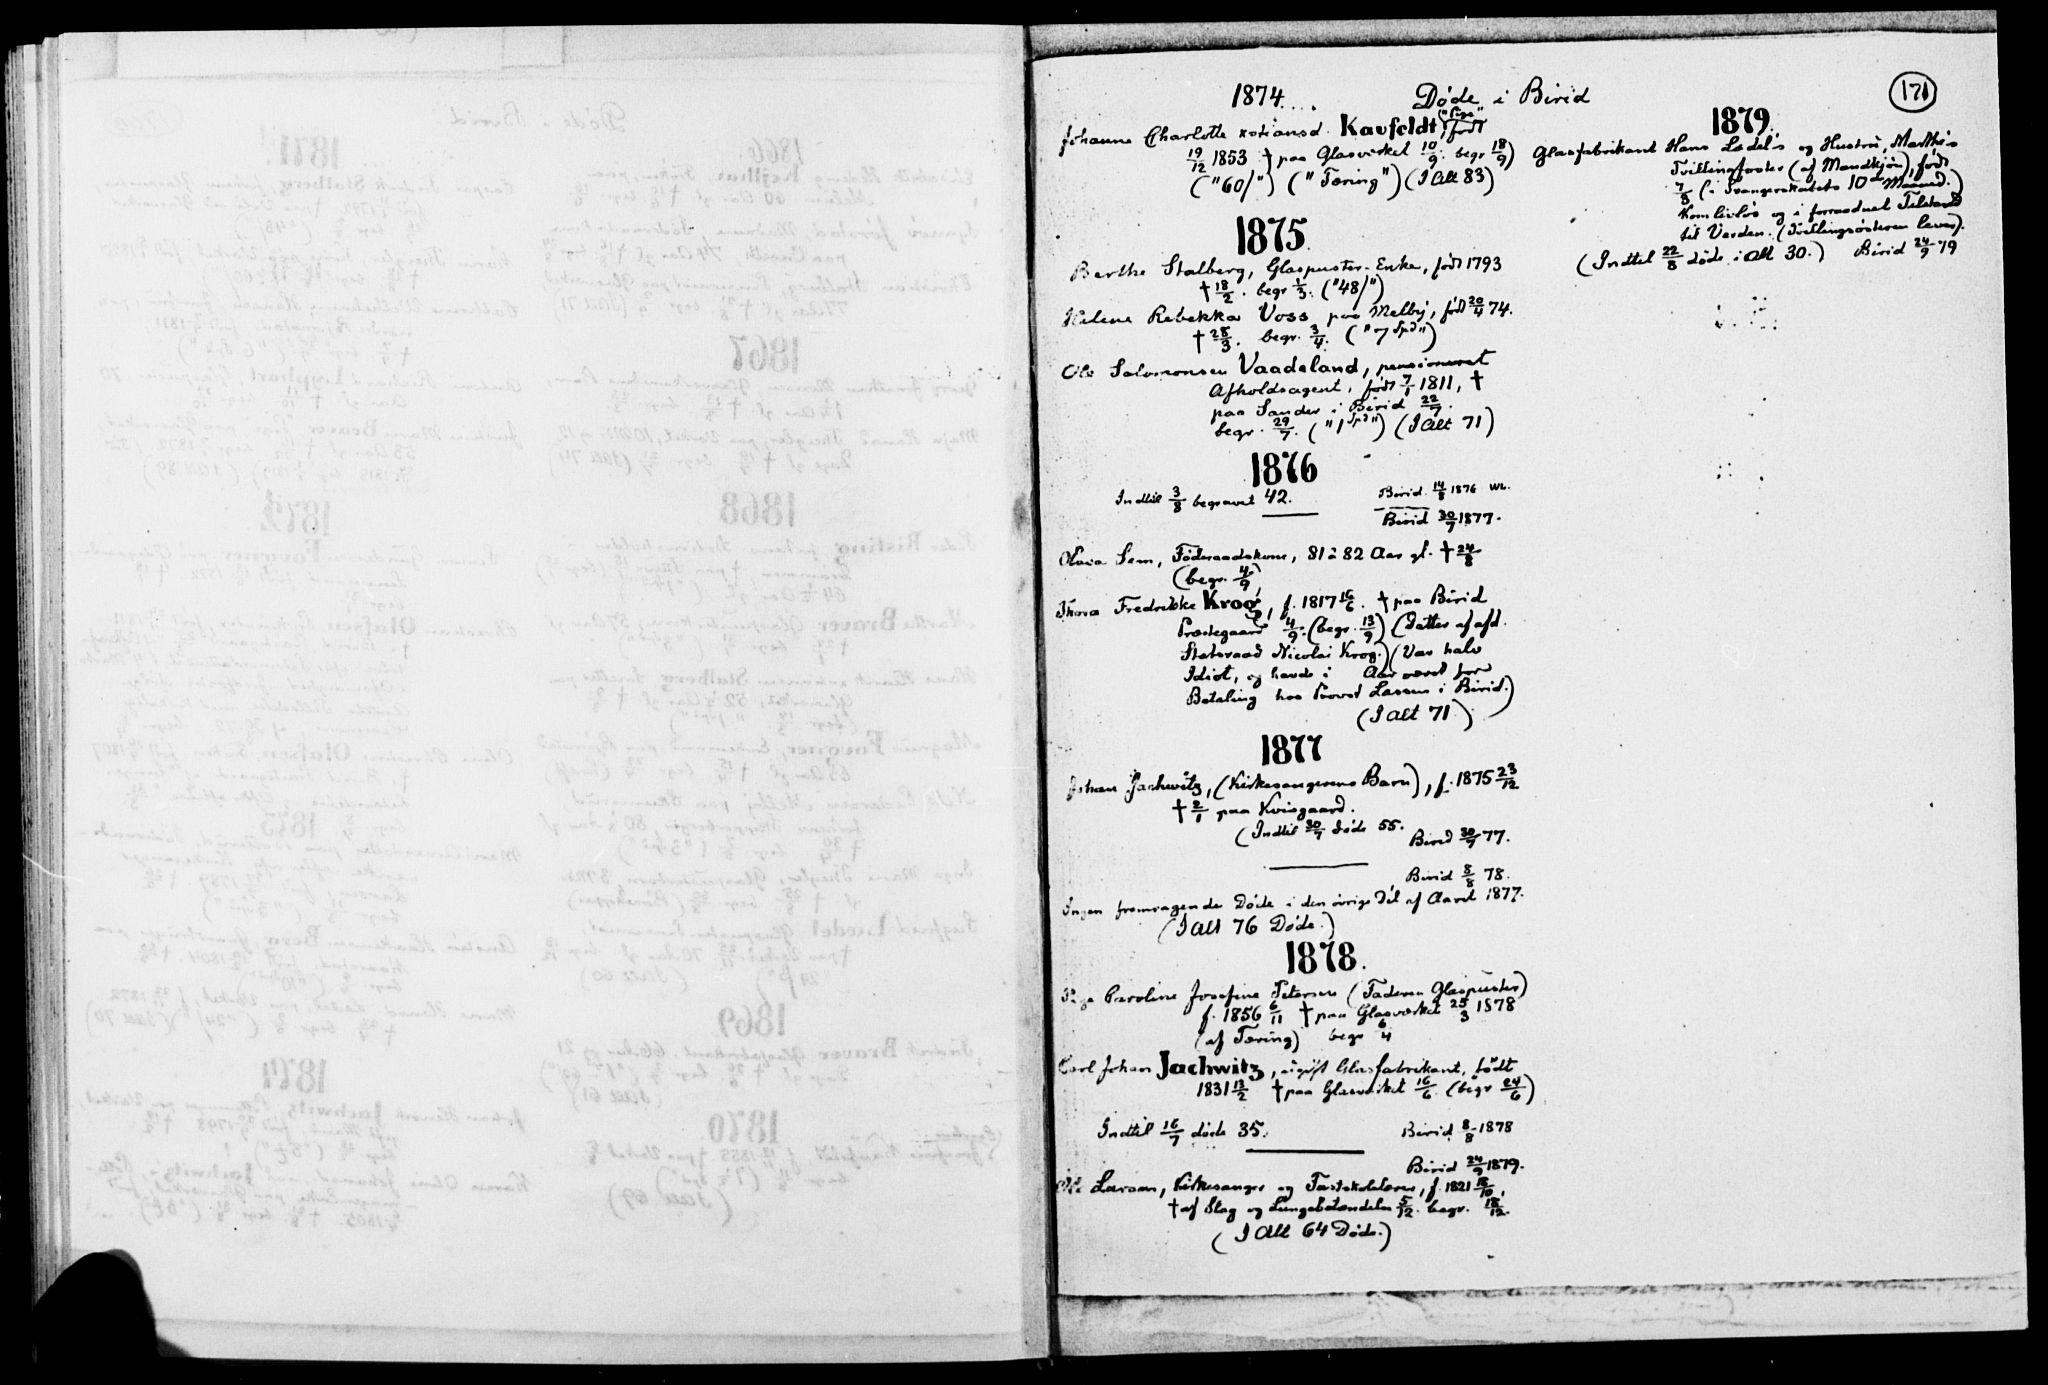 SAH, Biri prestekontor, Ministerialbok, 1730-1879, s. 171